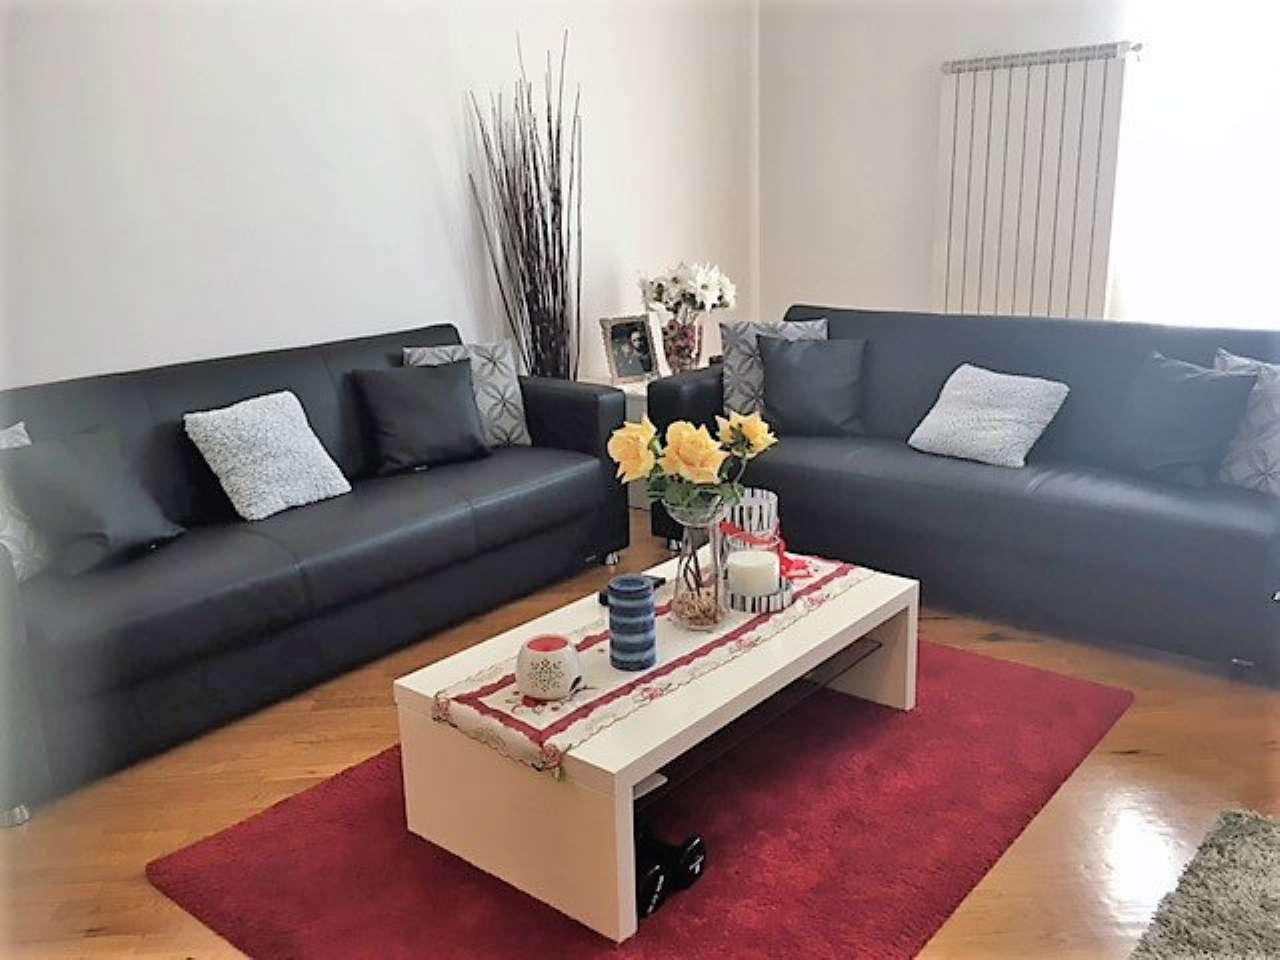 Appartamento in vendita a Milano, 2 locali, zona Zona: 2 . Repubblica, Stazione Centrale, P.ta Nuova, B. Marcello, prezzo € 374.000 | Cambio Casa.it